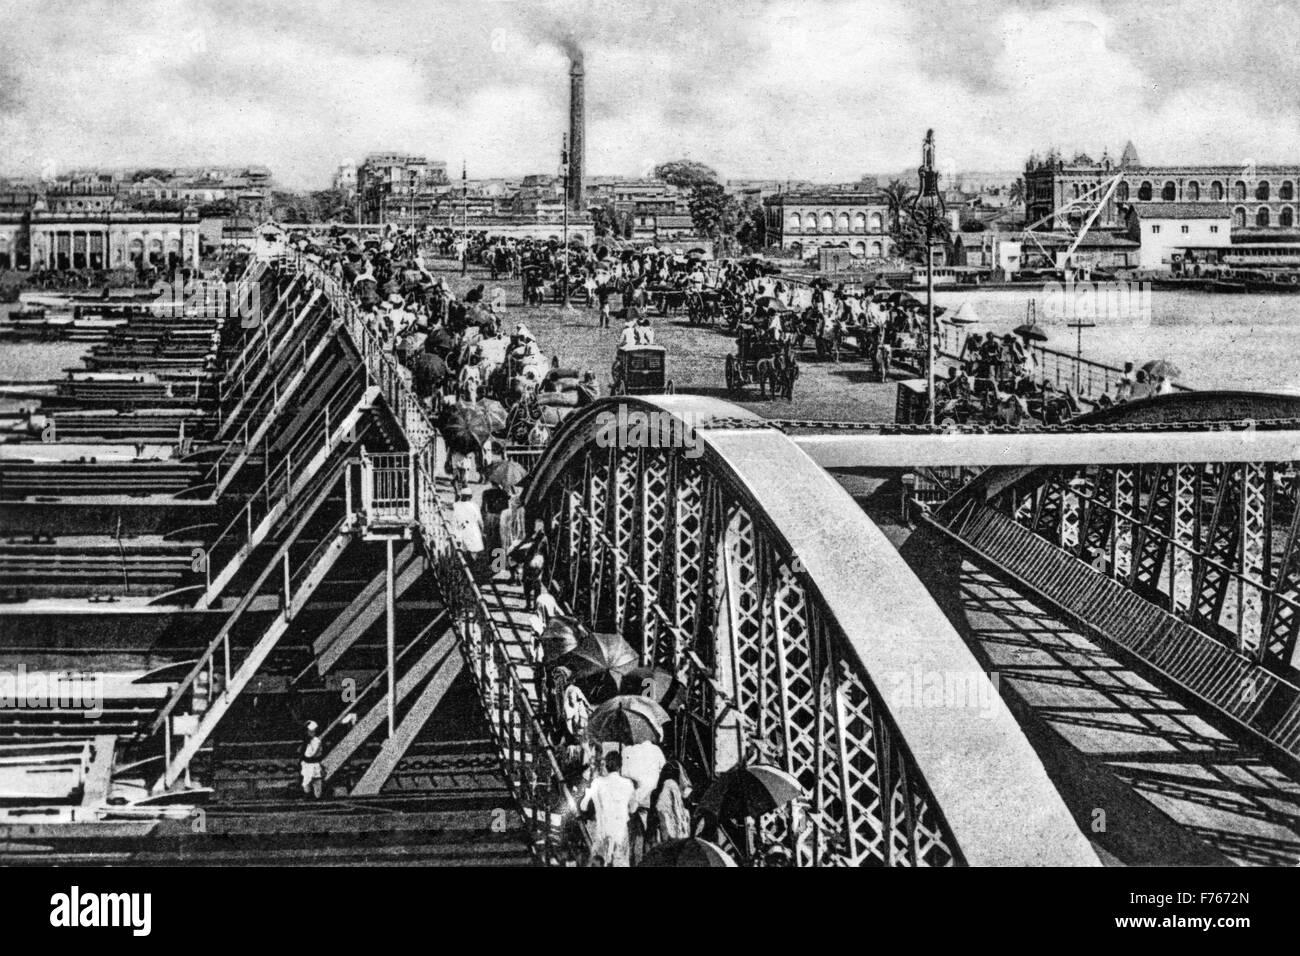 Pontoon bridge, calcutta, west bengal, india, asia - Stock Image